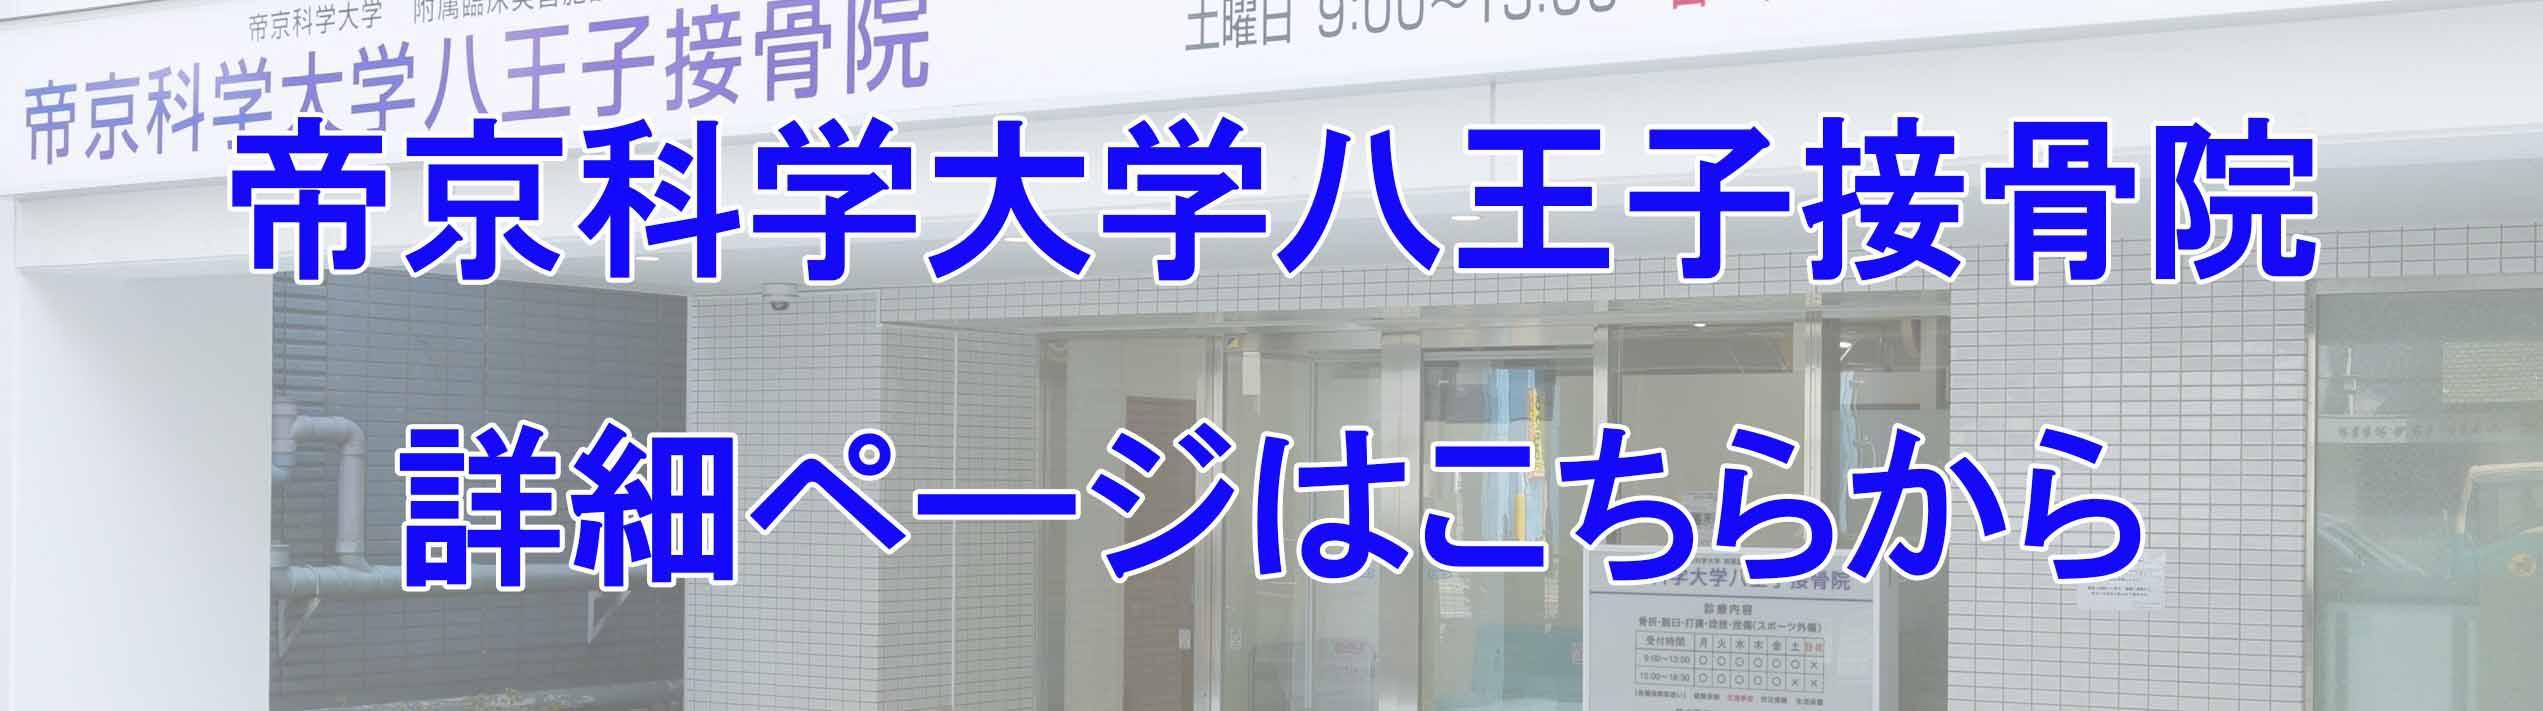 帝京科学大学 八王子接骨院